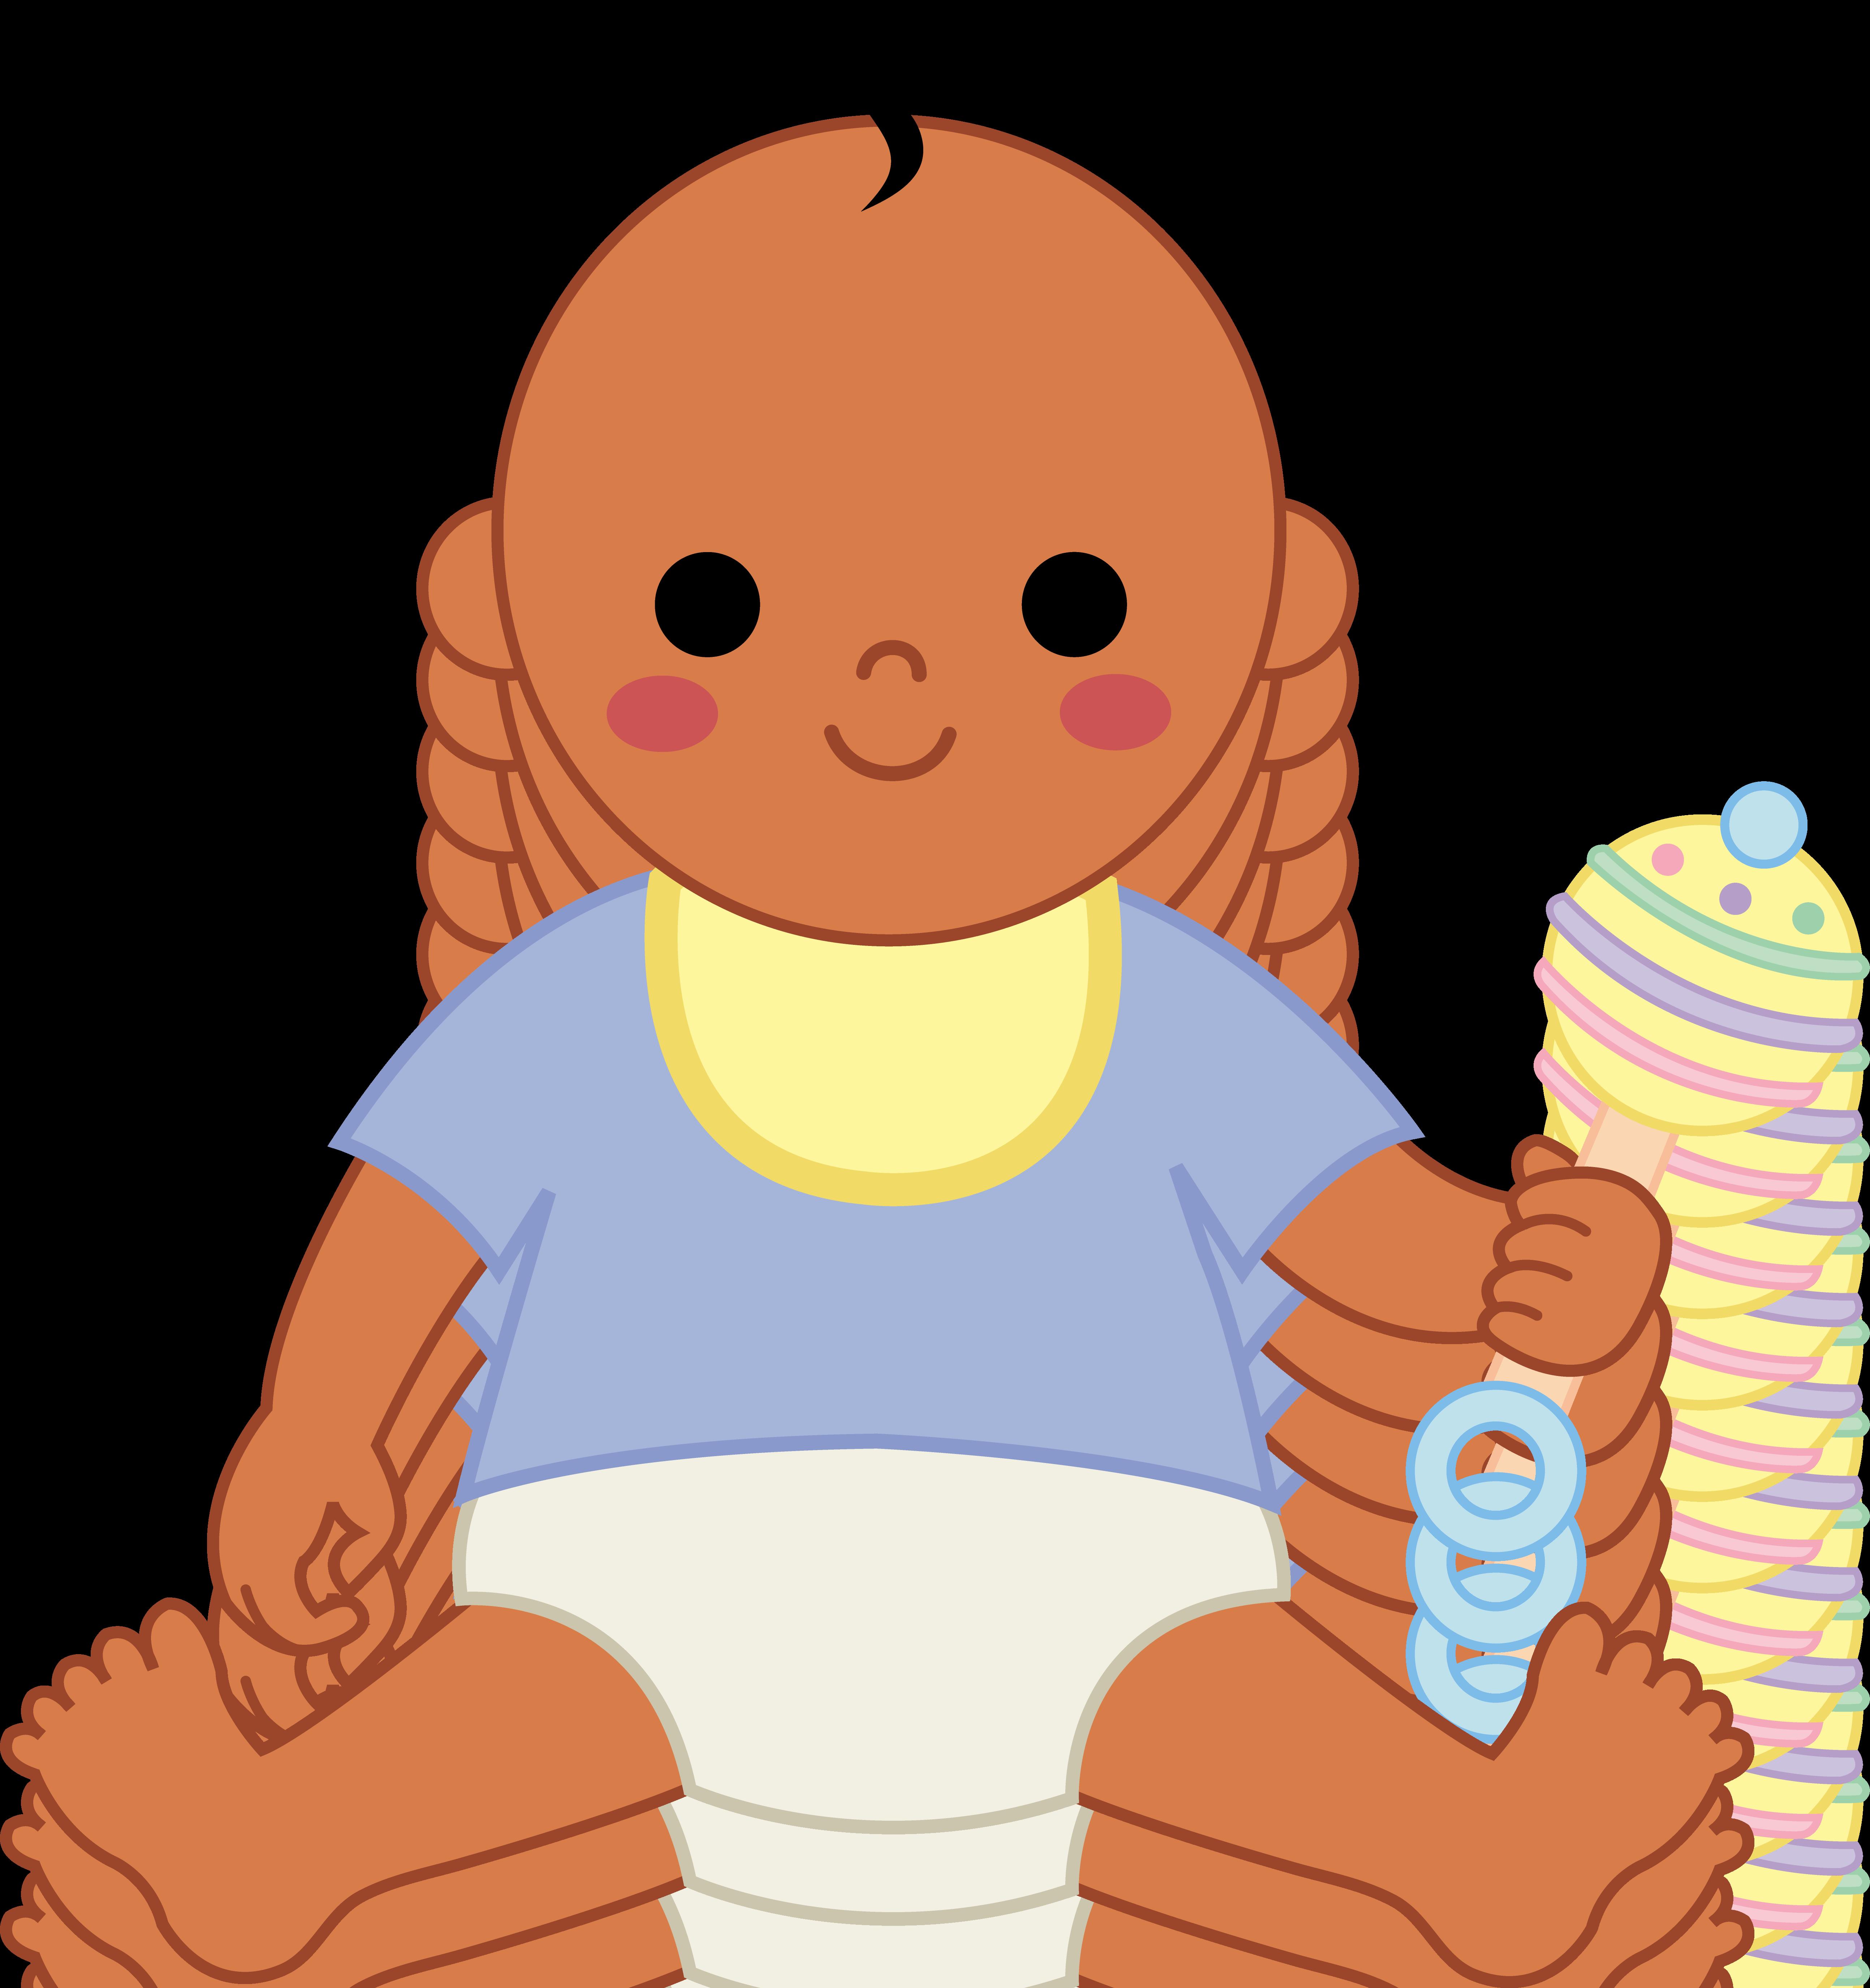 clipart newborn baby - photo #6